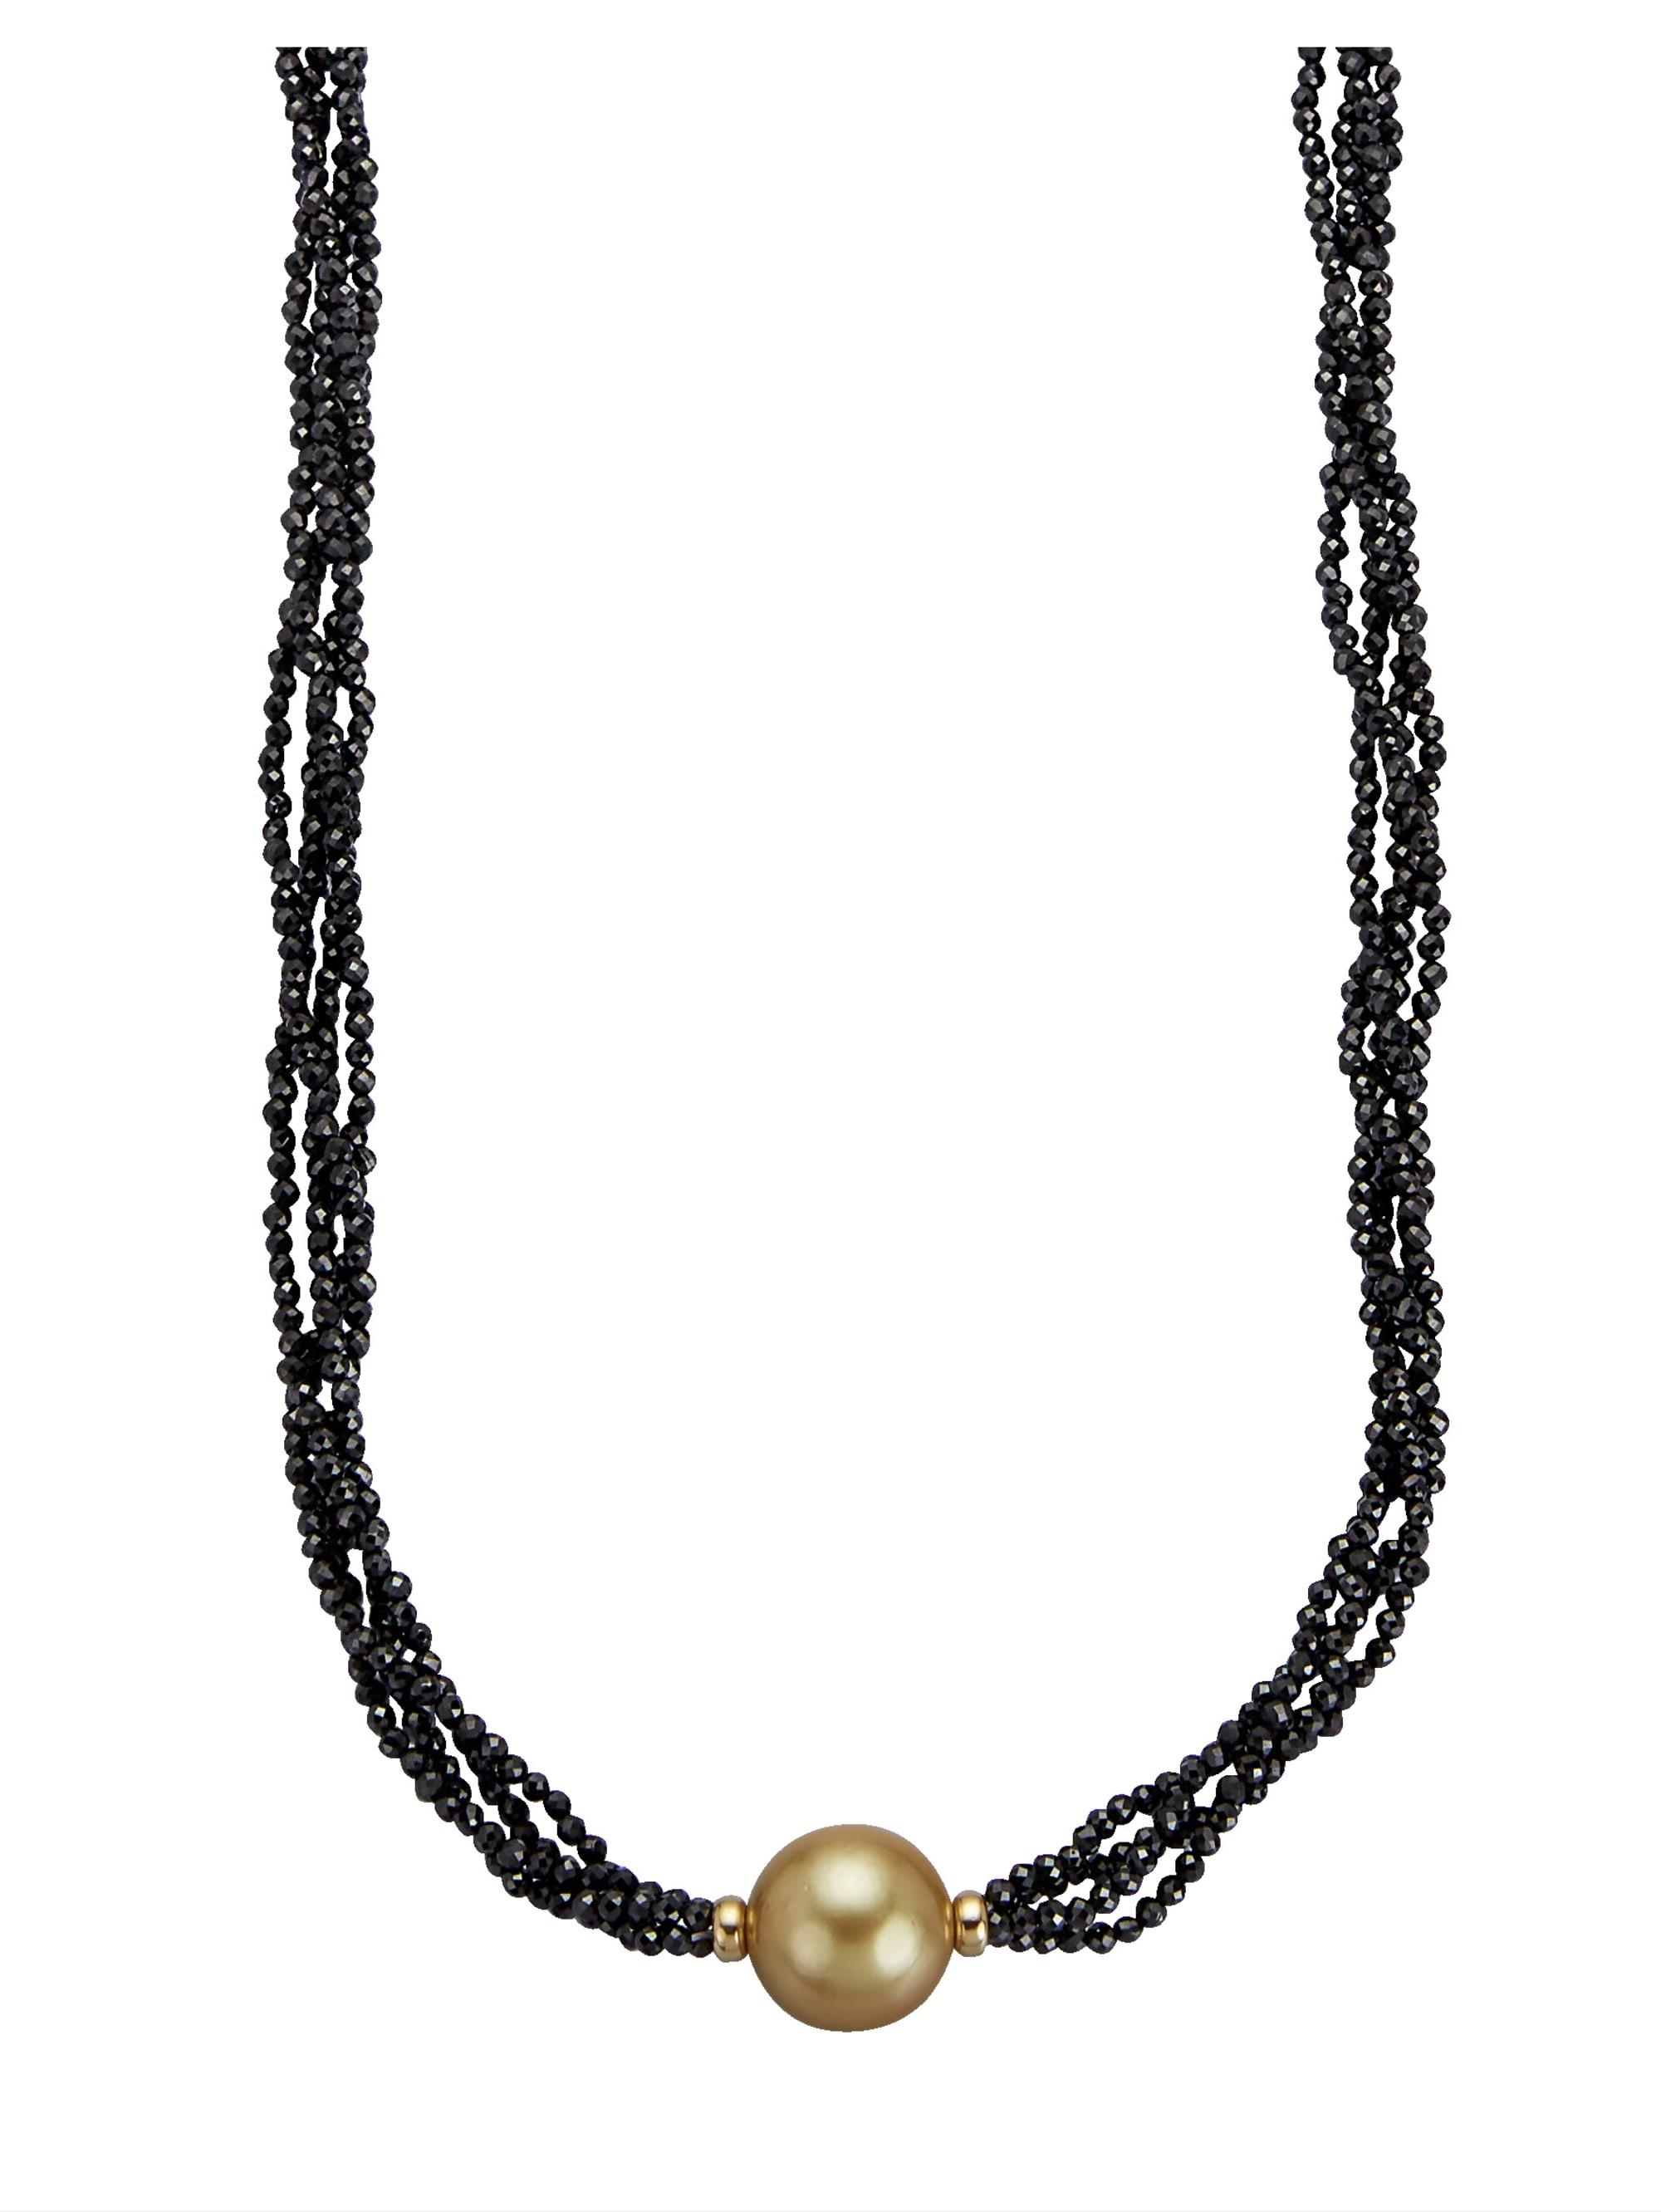 Diemer Perle 4rhg. Collier mit Südsee-Zuchtperle LJ3WT